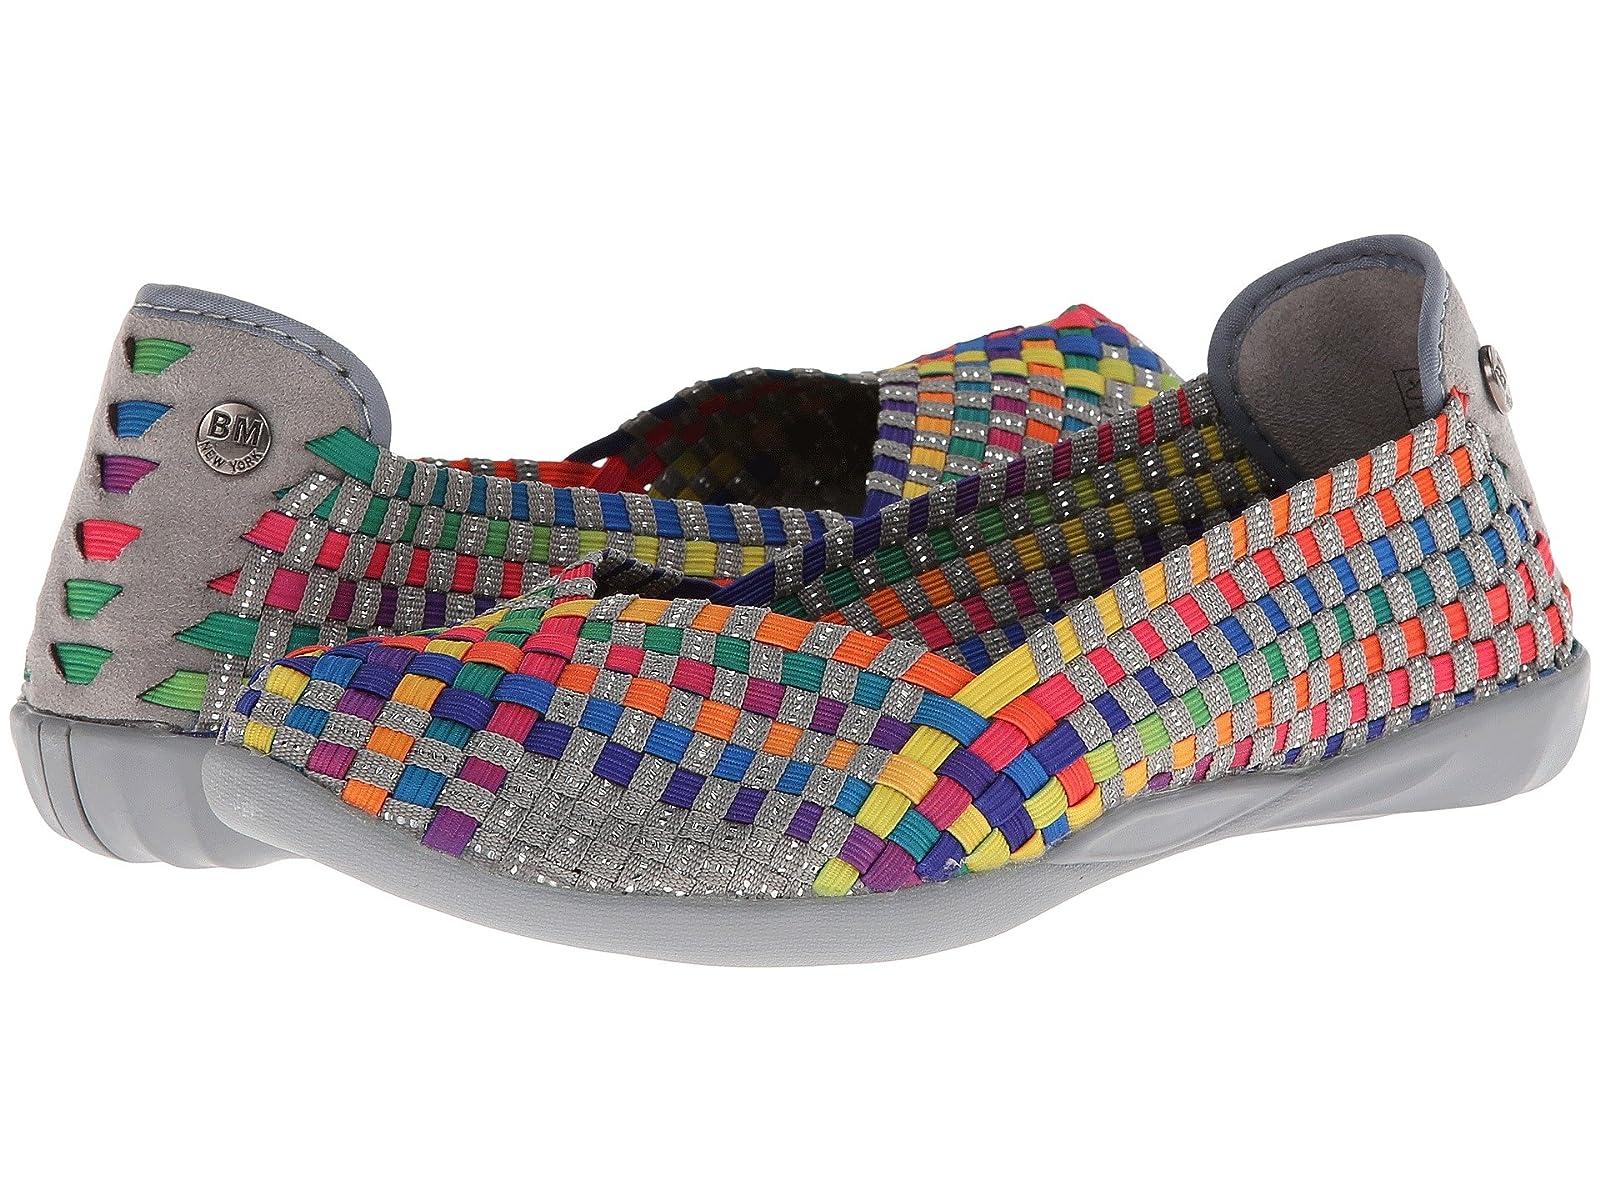 bernie mev. CatwalkAtmospheric grades have affordable shoes